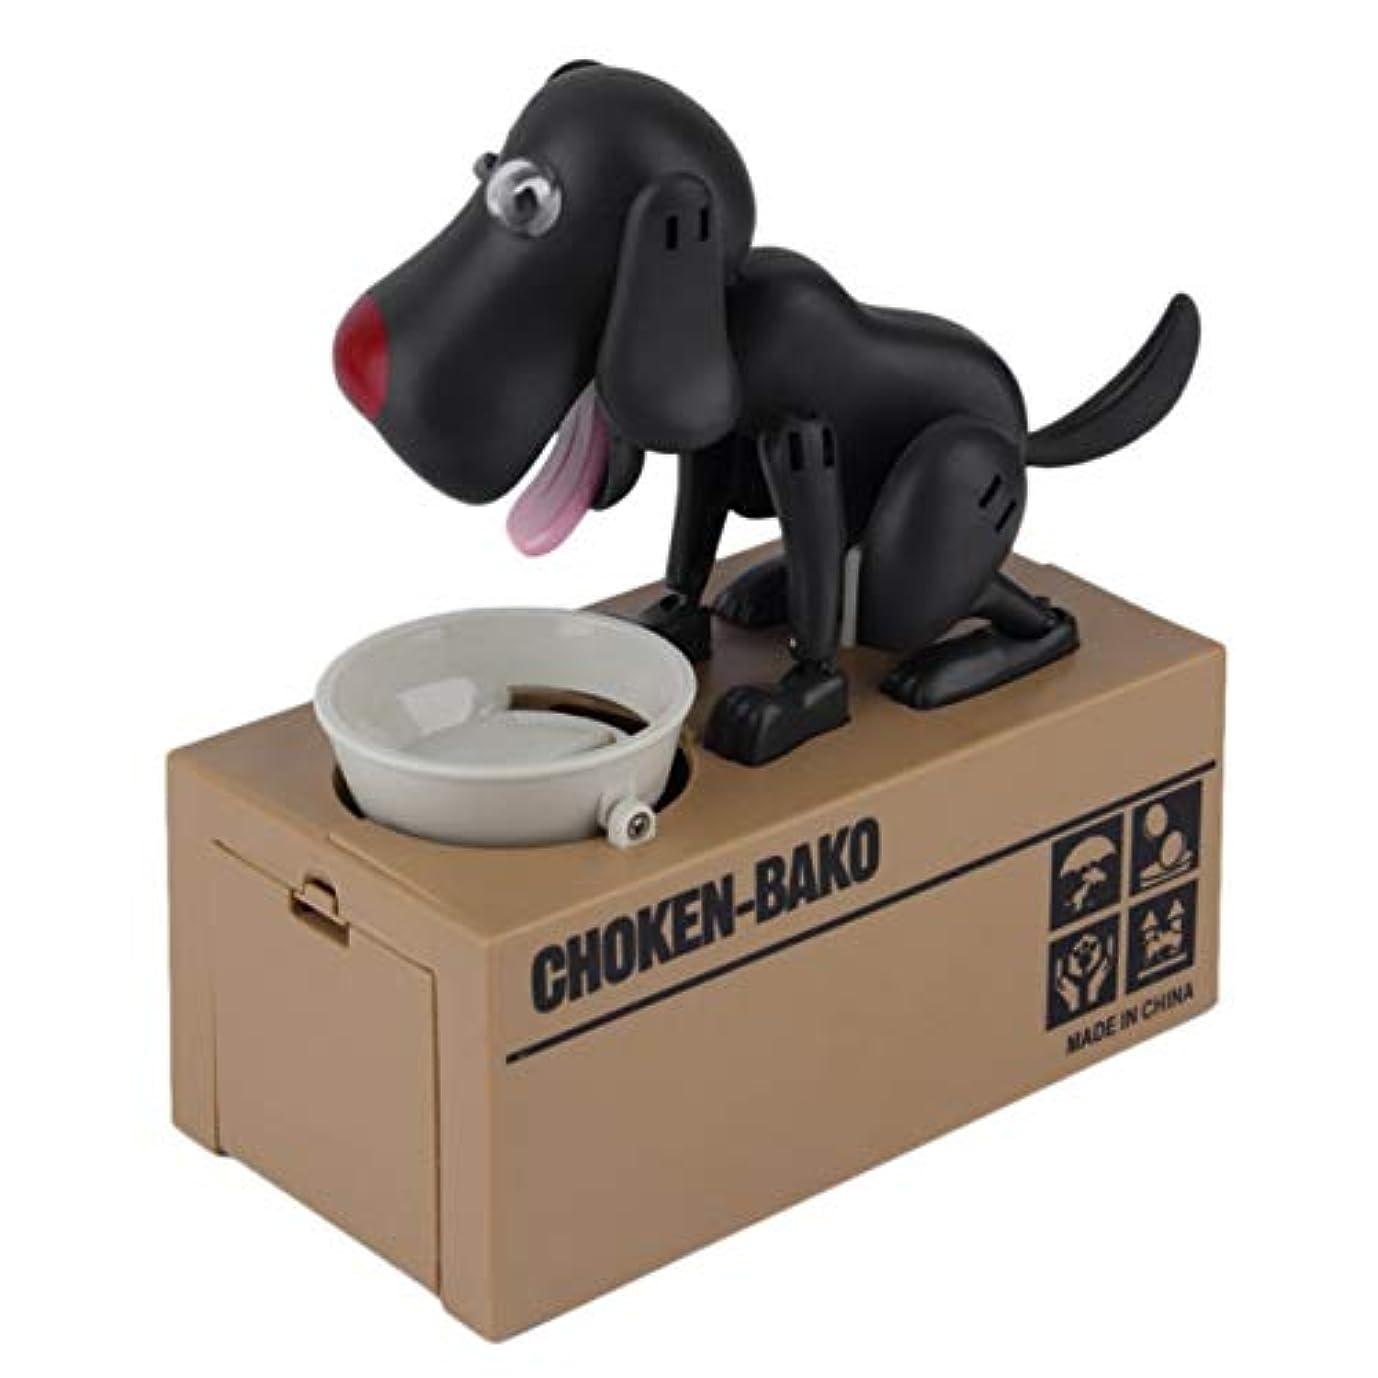 アーチ販売計画自体Saikogoods 耐久性に優れたロボット犬貯金箱自動コインマネーバンクかわいい犬モデルマネーバンクマネーセービングボックスコインボックスを盗みました ブラック